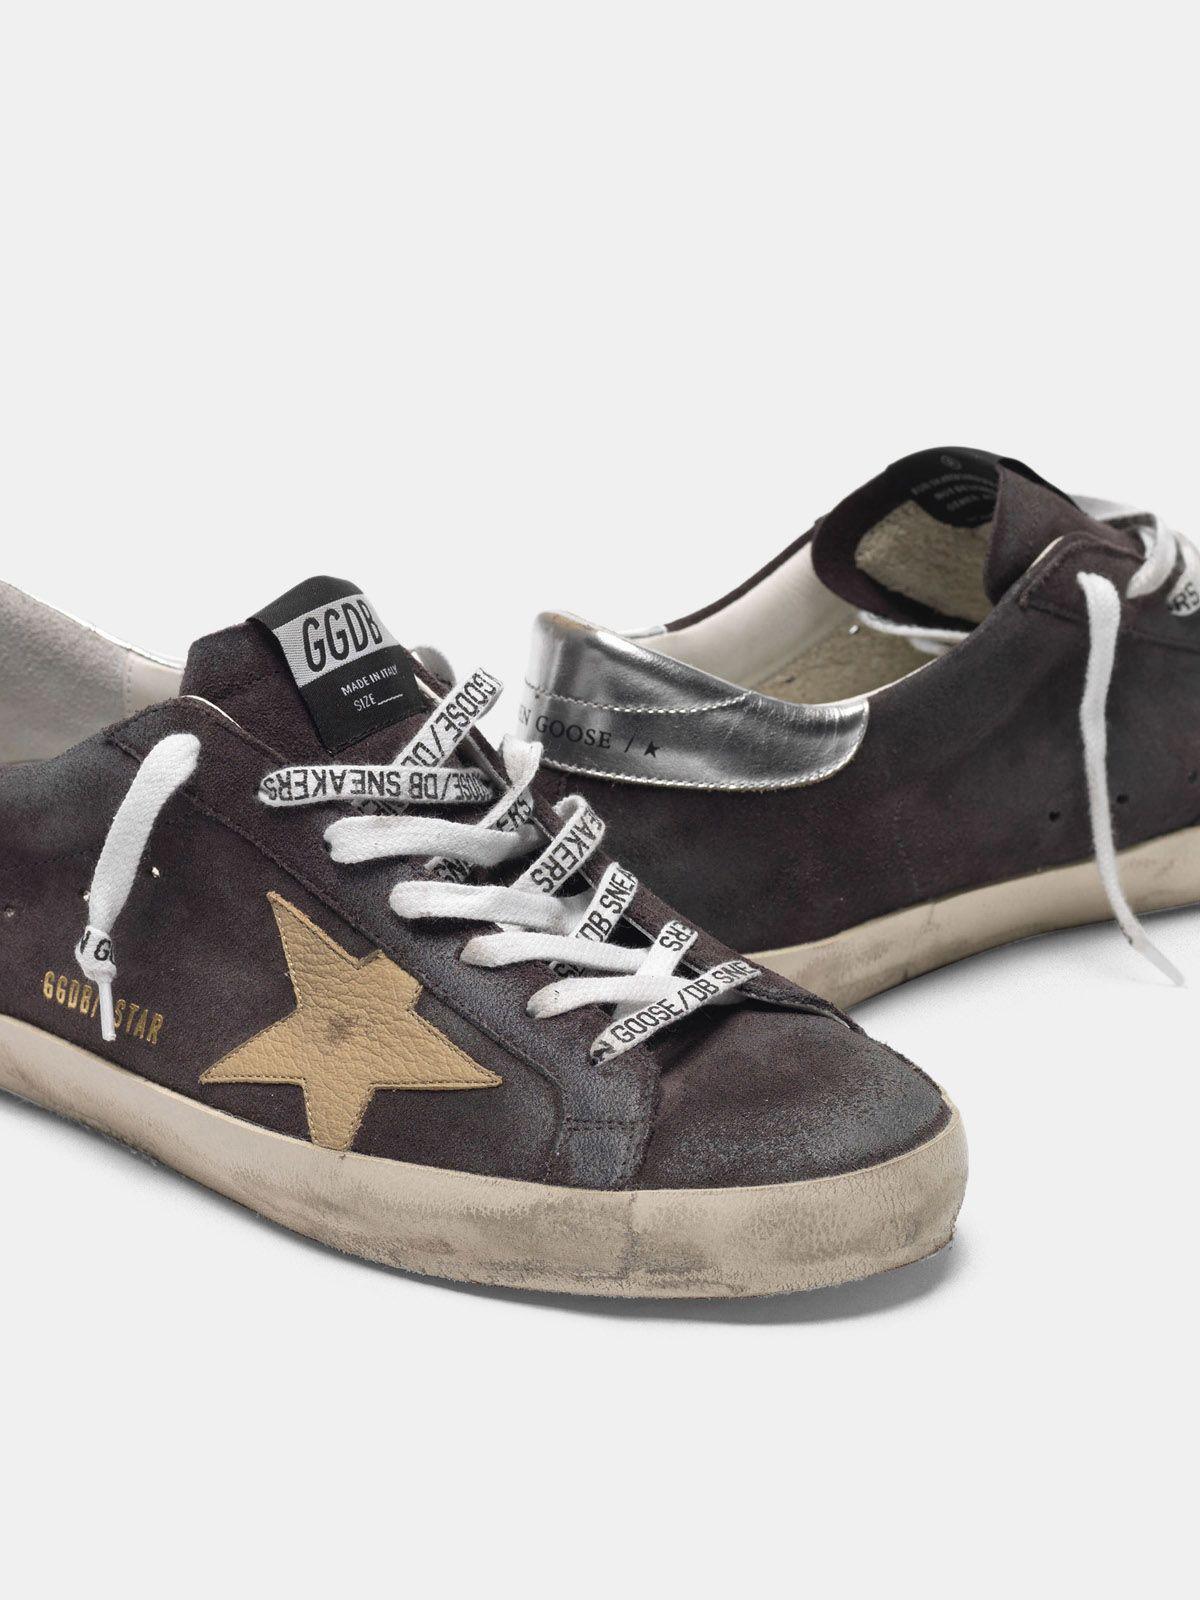 Golden Goose - Sneakers Super-Star grigie in suede stella nude in